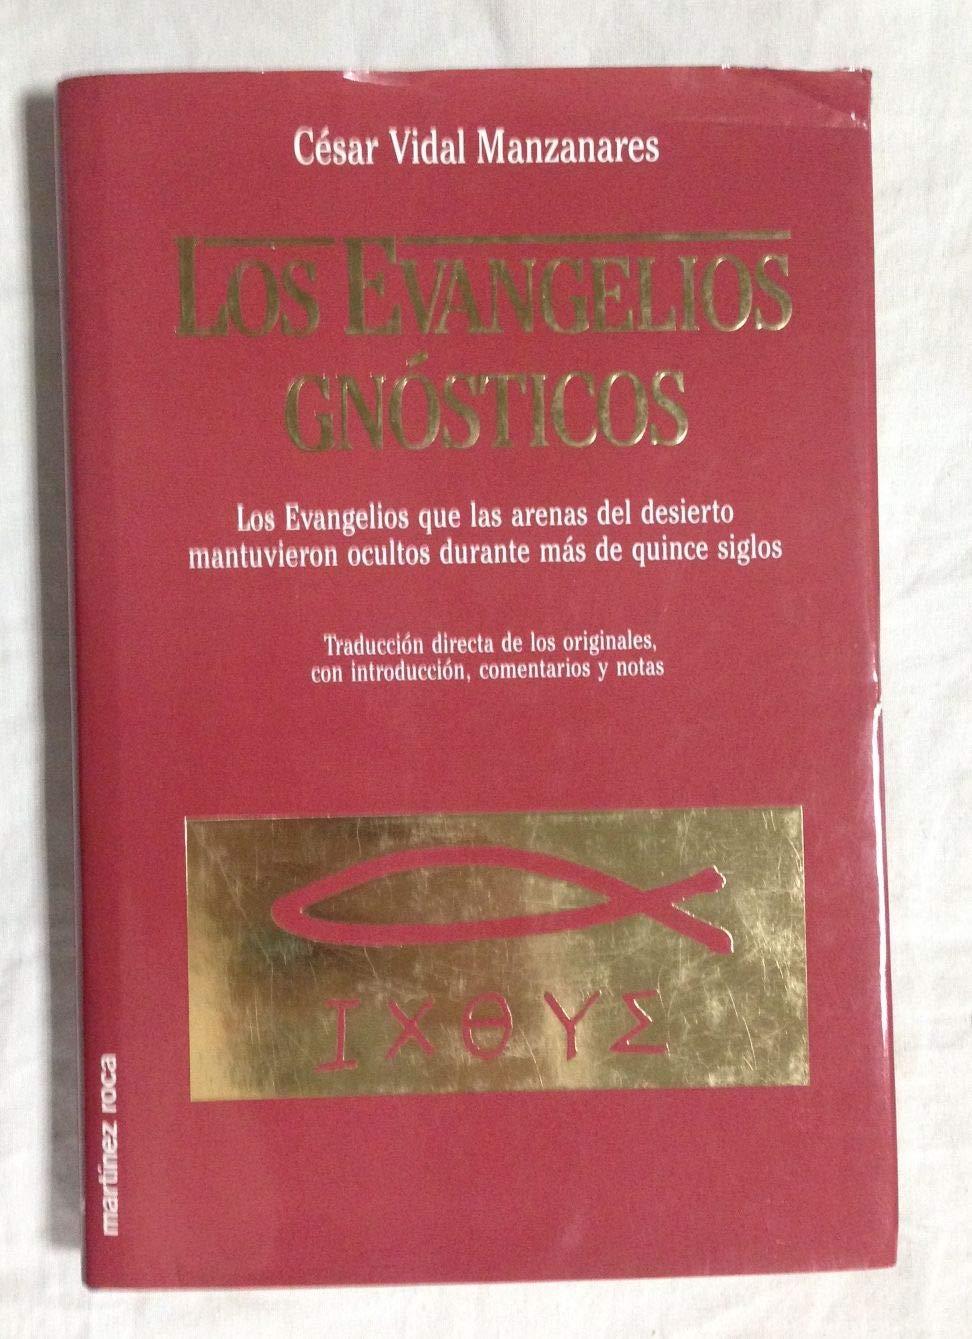 Evangelios gnosticos, los: Amazon.es: Vidal Manzanares, Cesar: Libros